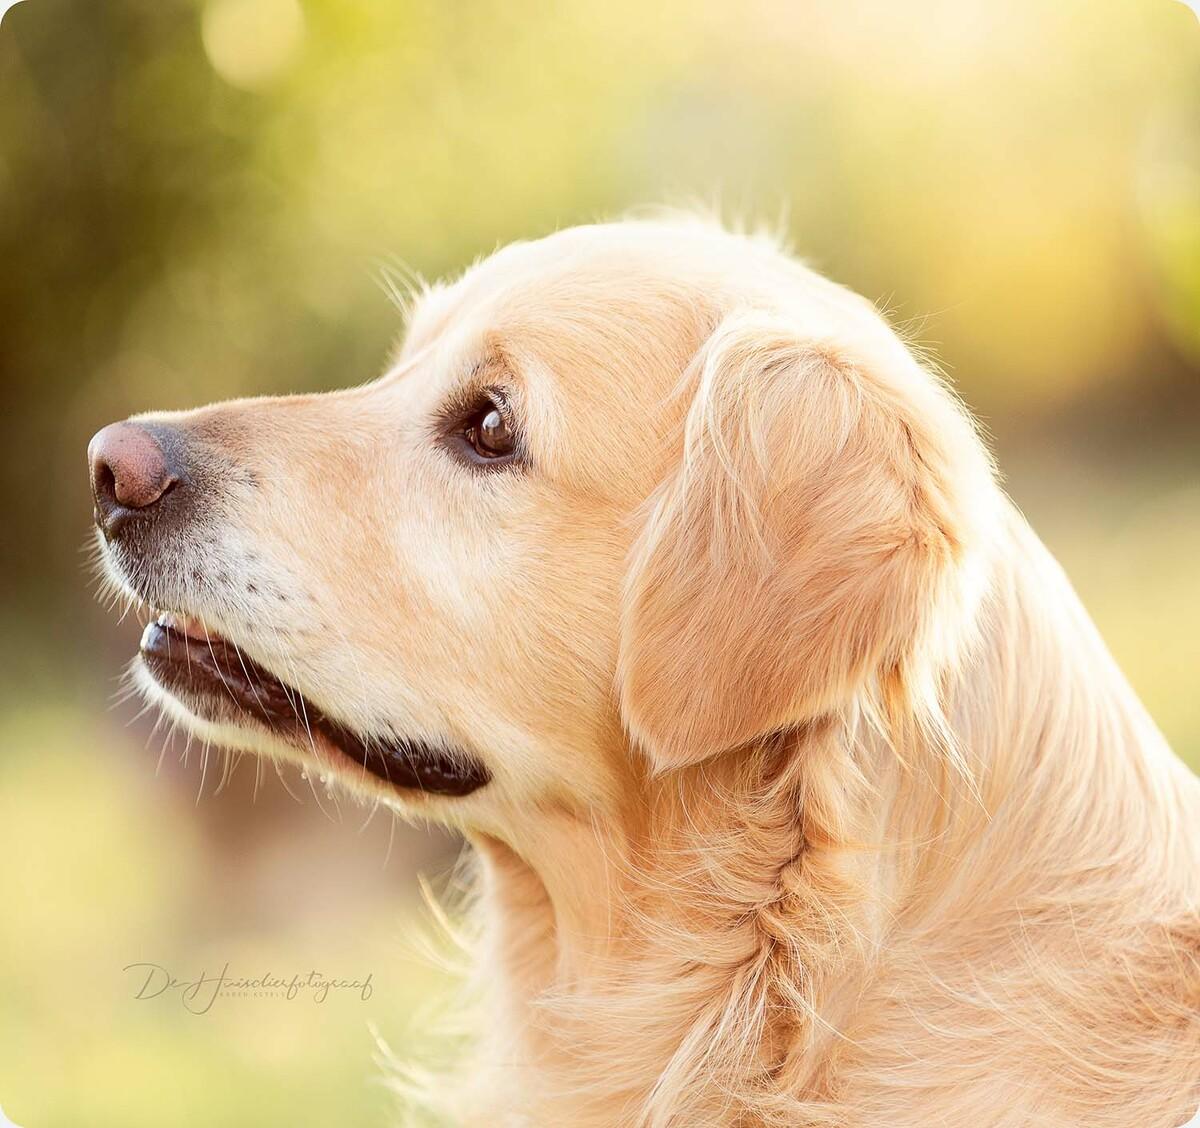 Buitenportret golden retriever door De Huisdierfotograaf